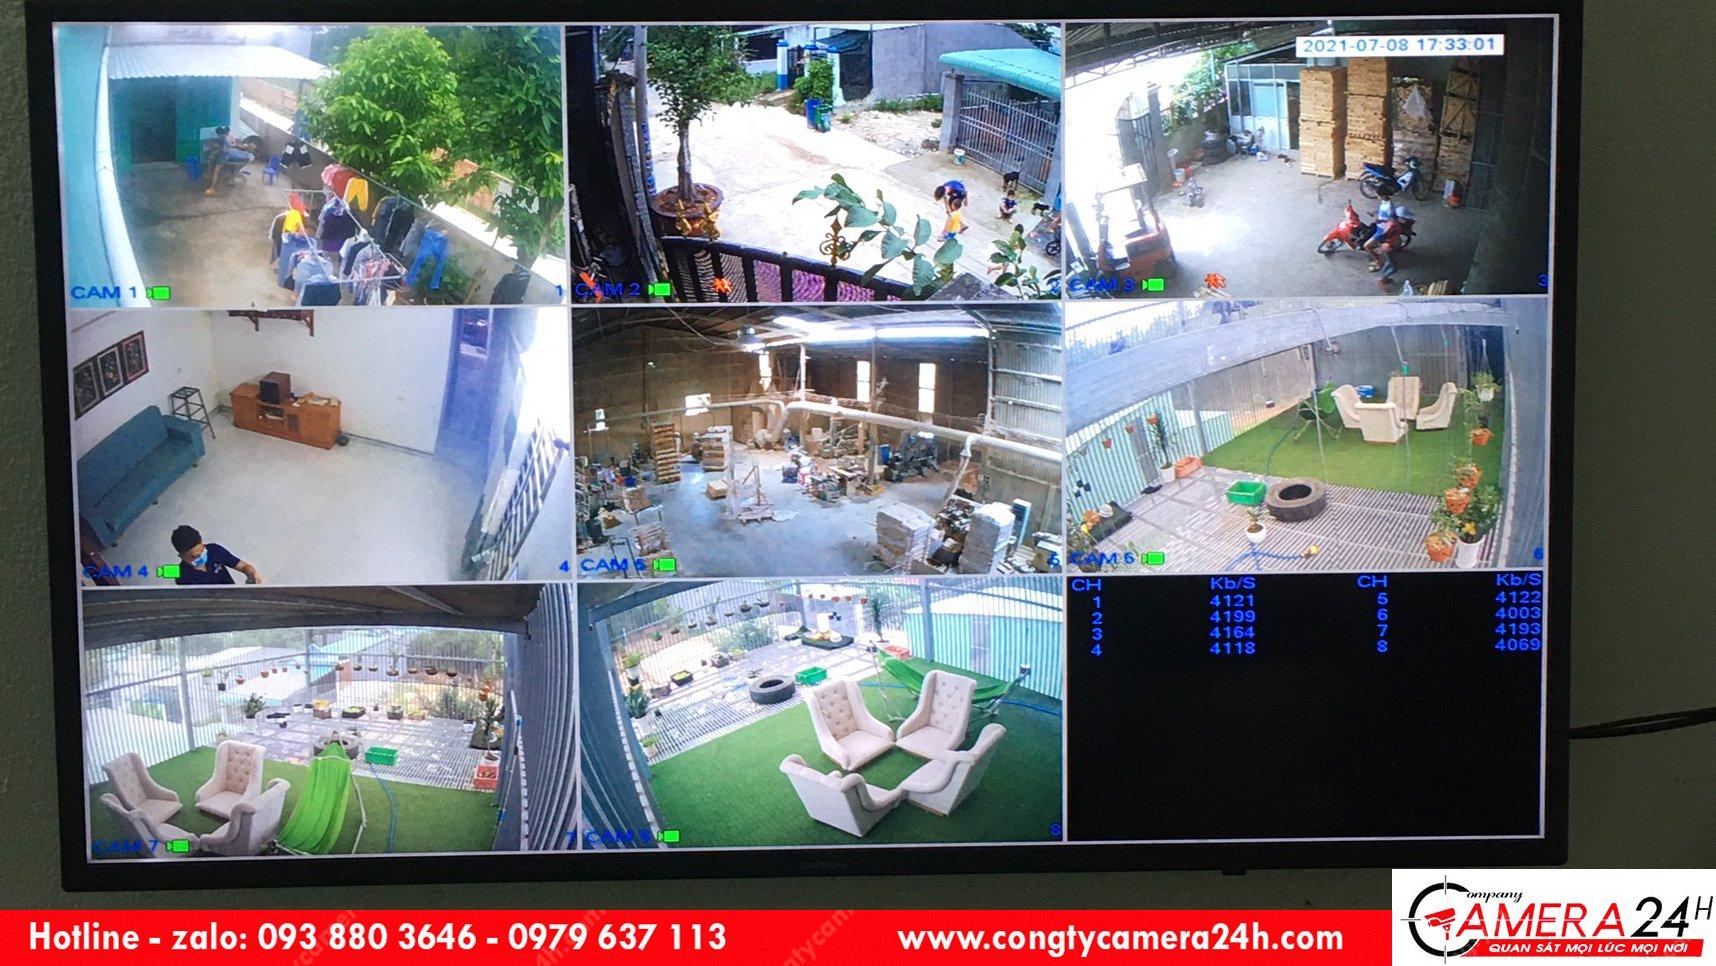 Lắp đặt hệ thống camera cho nhà âm tường tại Bình Dương